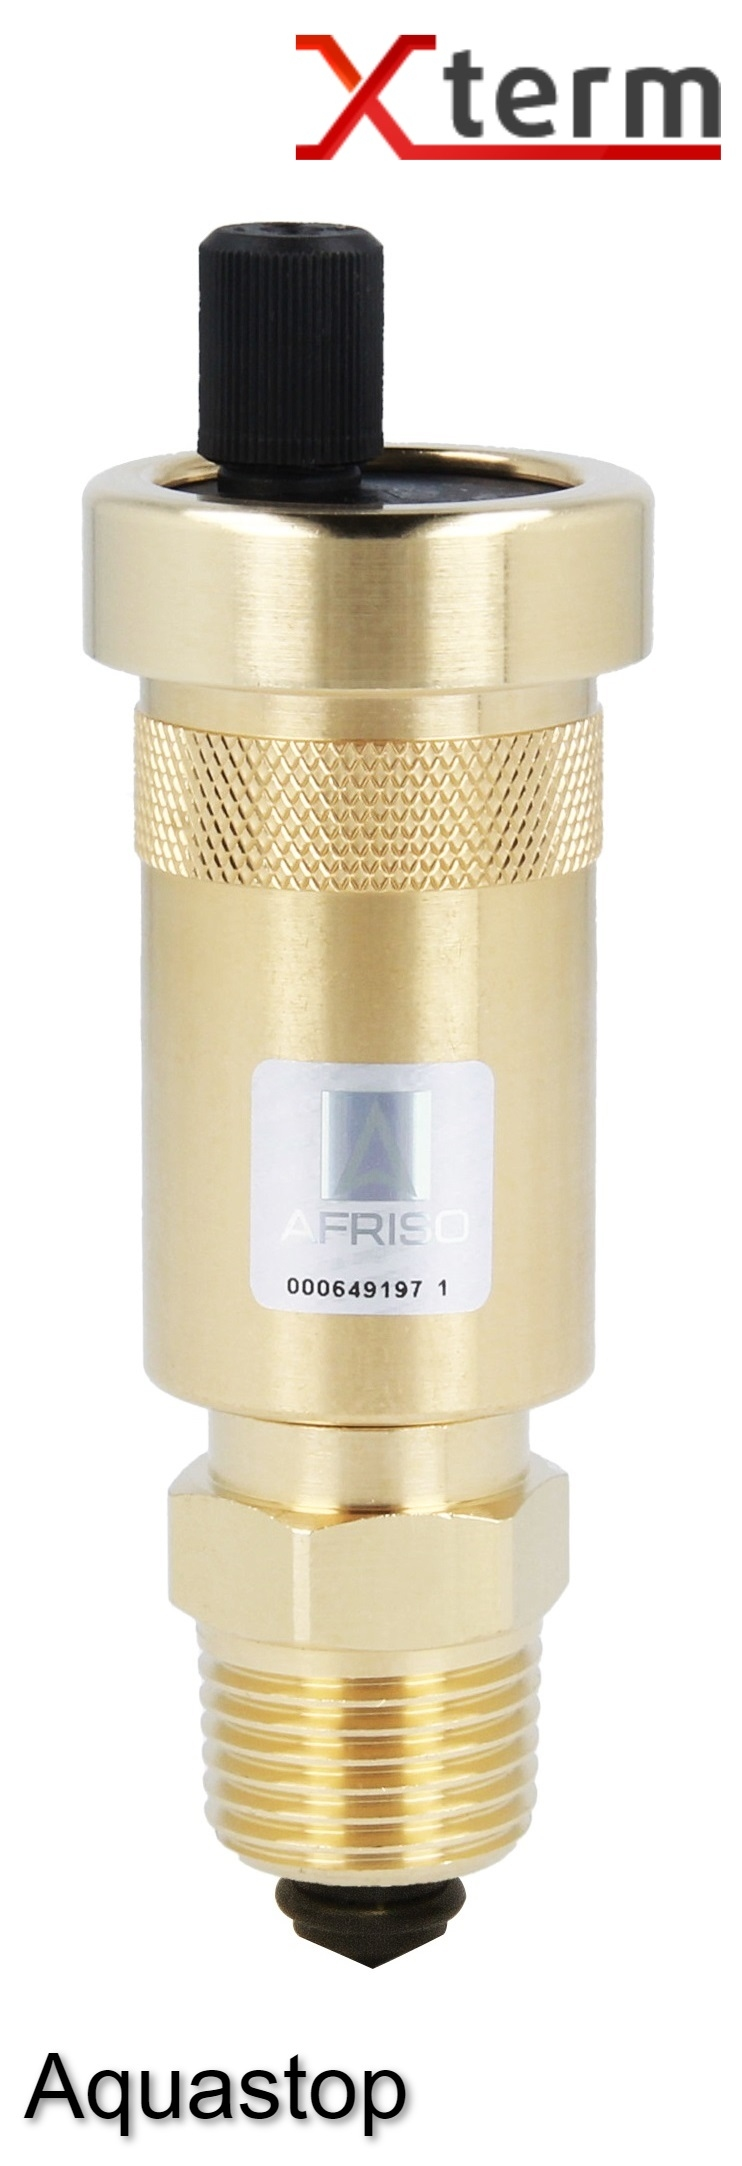 """Автоматический воздухоотводчик Afriso 1/2""""х3/8"""" c отсечным клапаном, защита от утечки Aquastop, латунь - 3"""